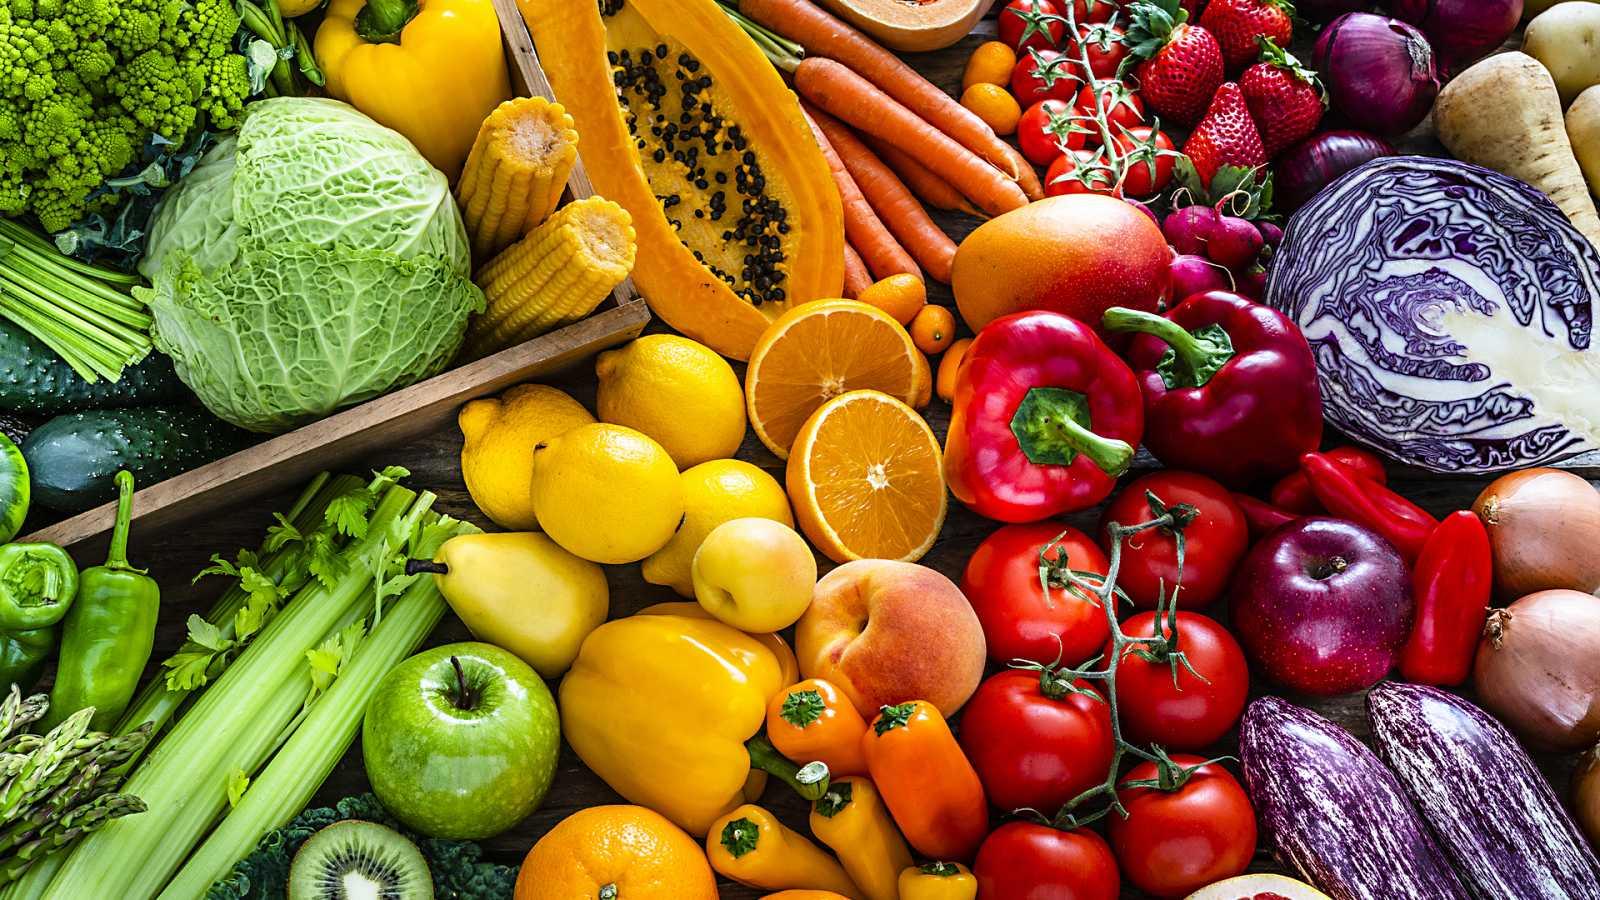 Más Cerca - El consumo de alimentos saludables - Escuchar ahora